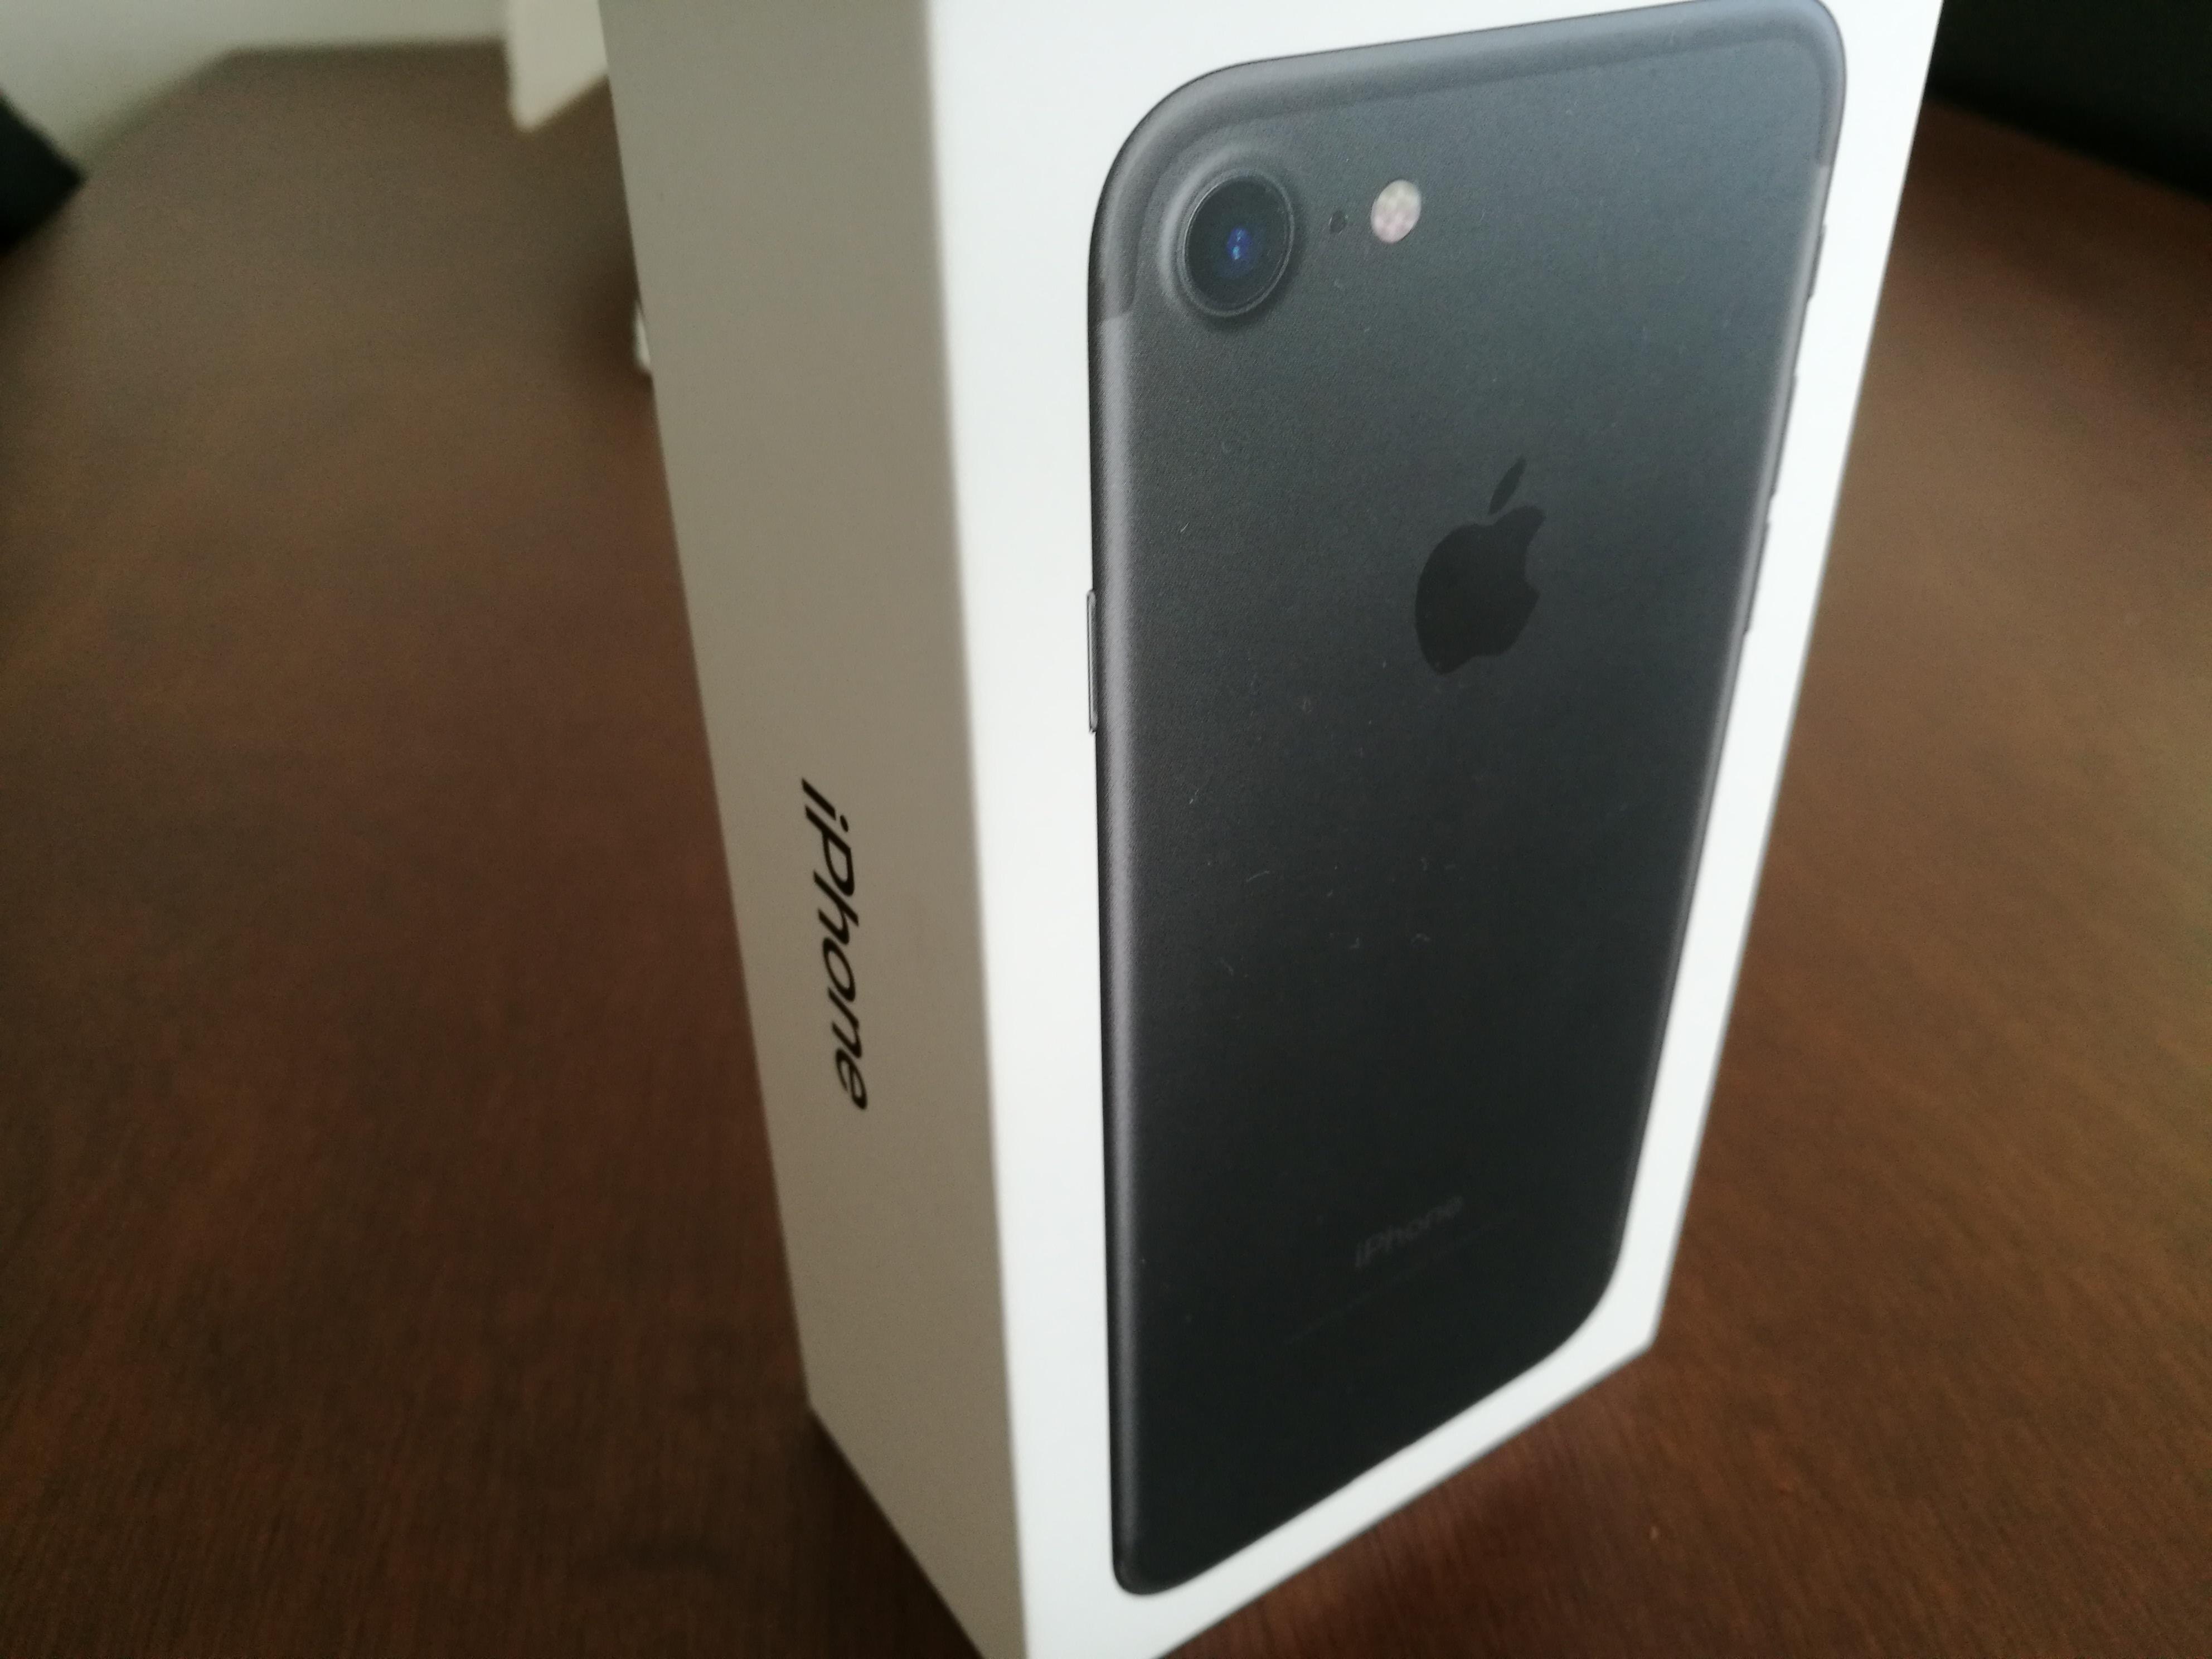 Auto-Kuopio Oy » Vaihtoautot Näin löydät varastetun tai kadonneen iPhonen ja käytät tappokytkintä ITunes error 2 when running on Windows 10 - Apple Community